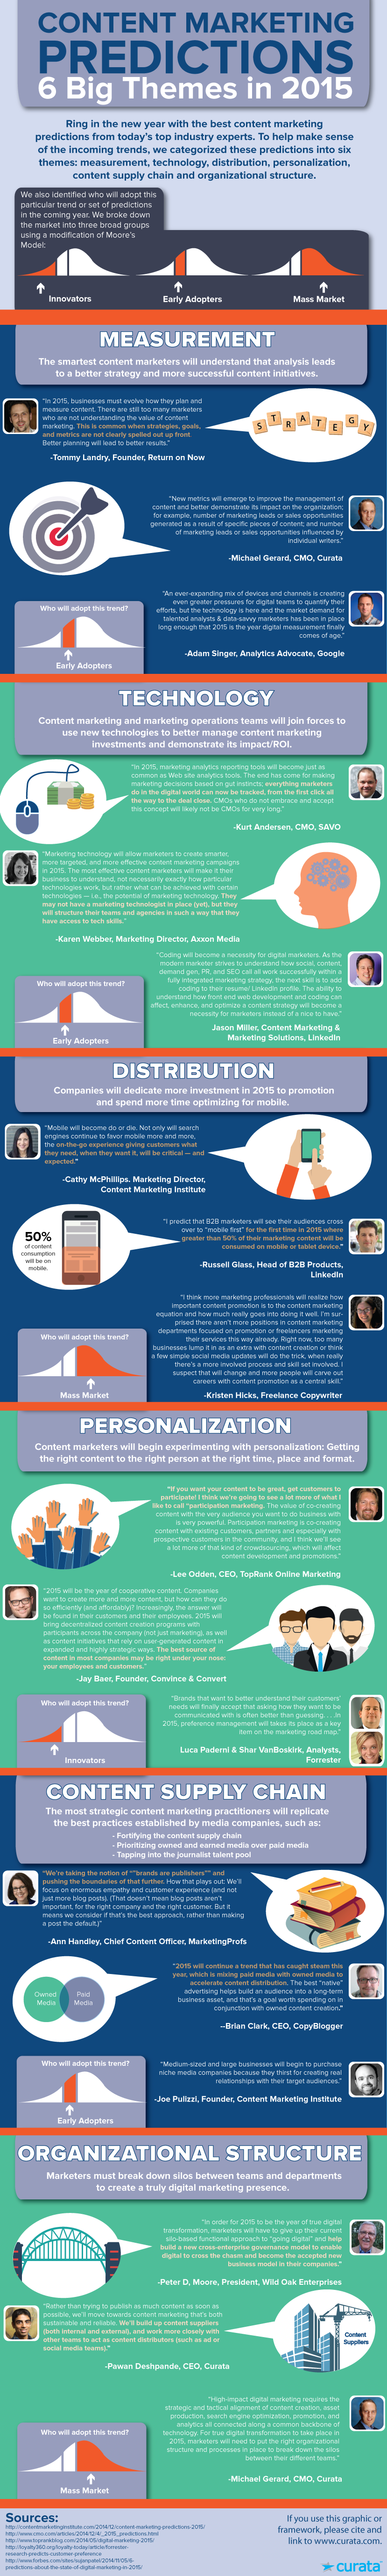 predictions-infographic3-2015-Curata